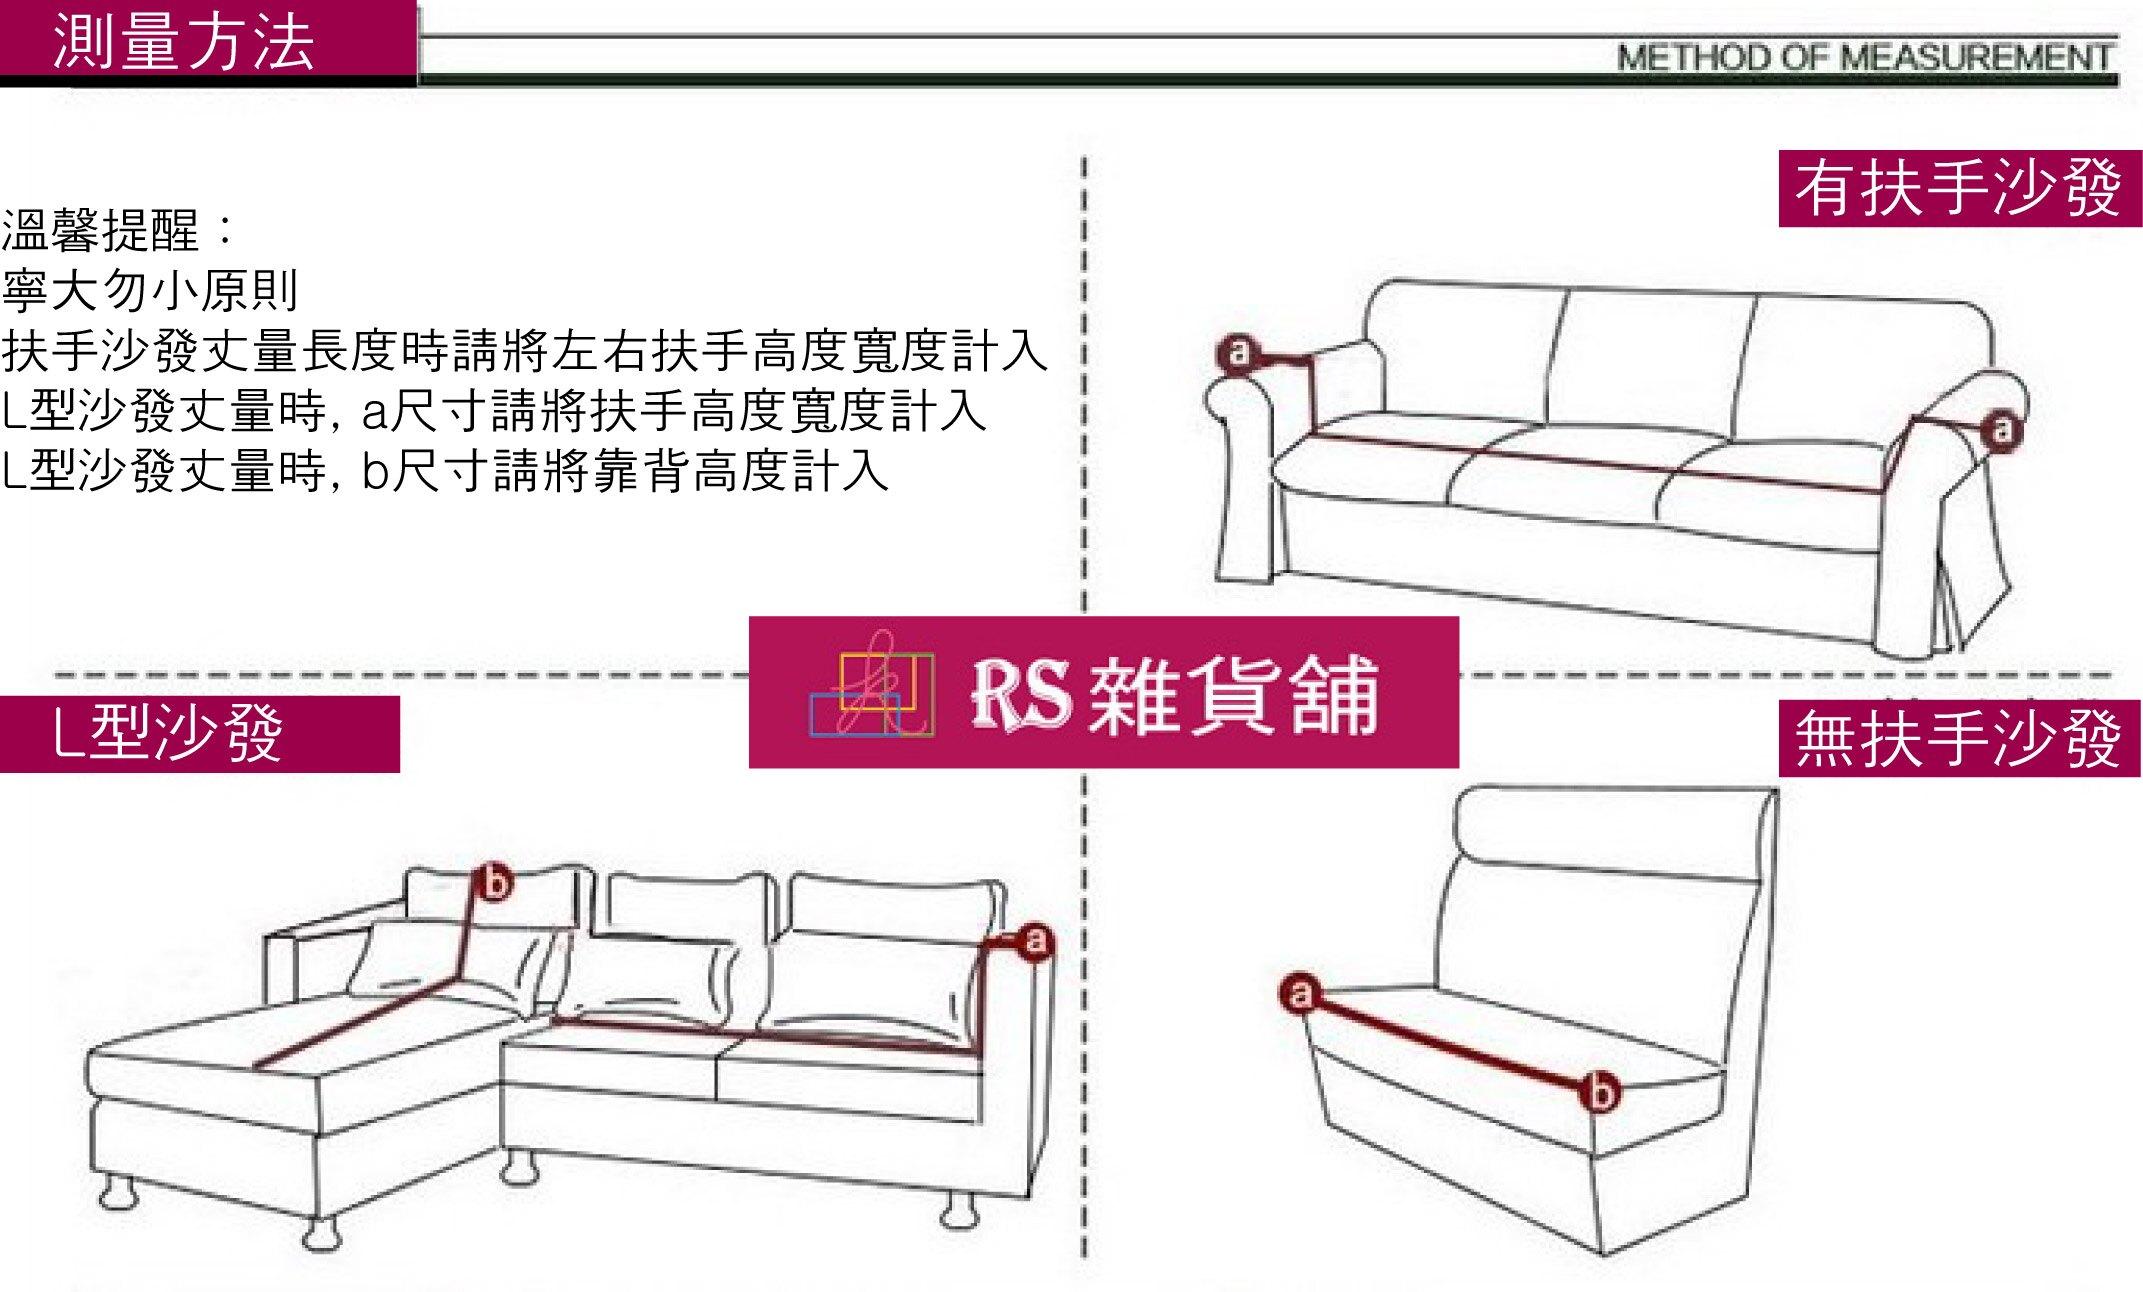 沙發床專用【RS Home】2人座加送抱枕套沙發罩沙發套彈性沙發套沙發墊沙發布床墊保潔墊沙發彈簧床折疊沙發 [灰雪松]